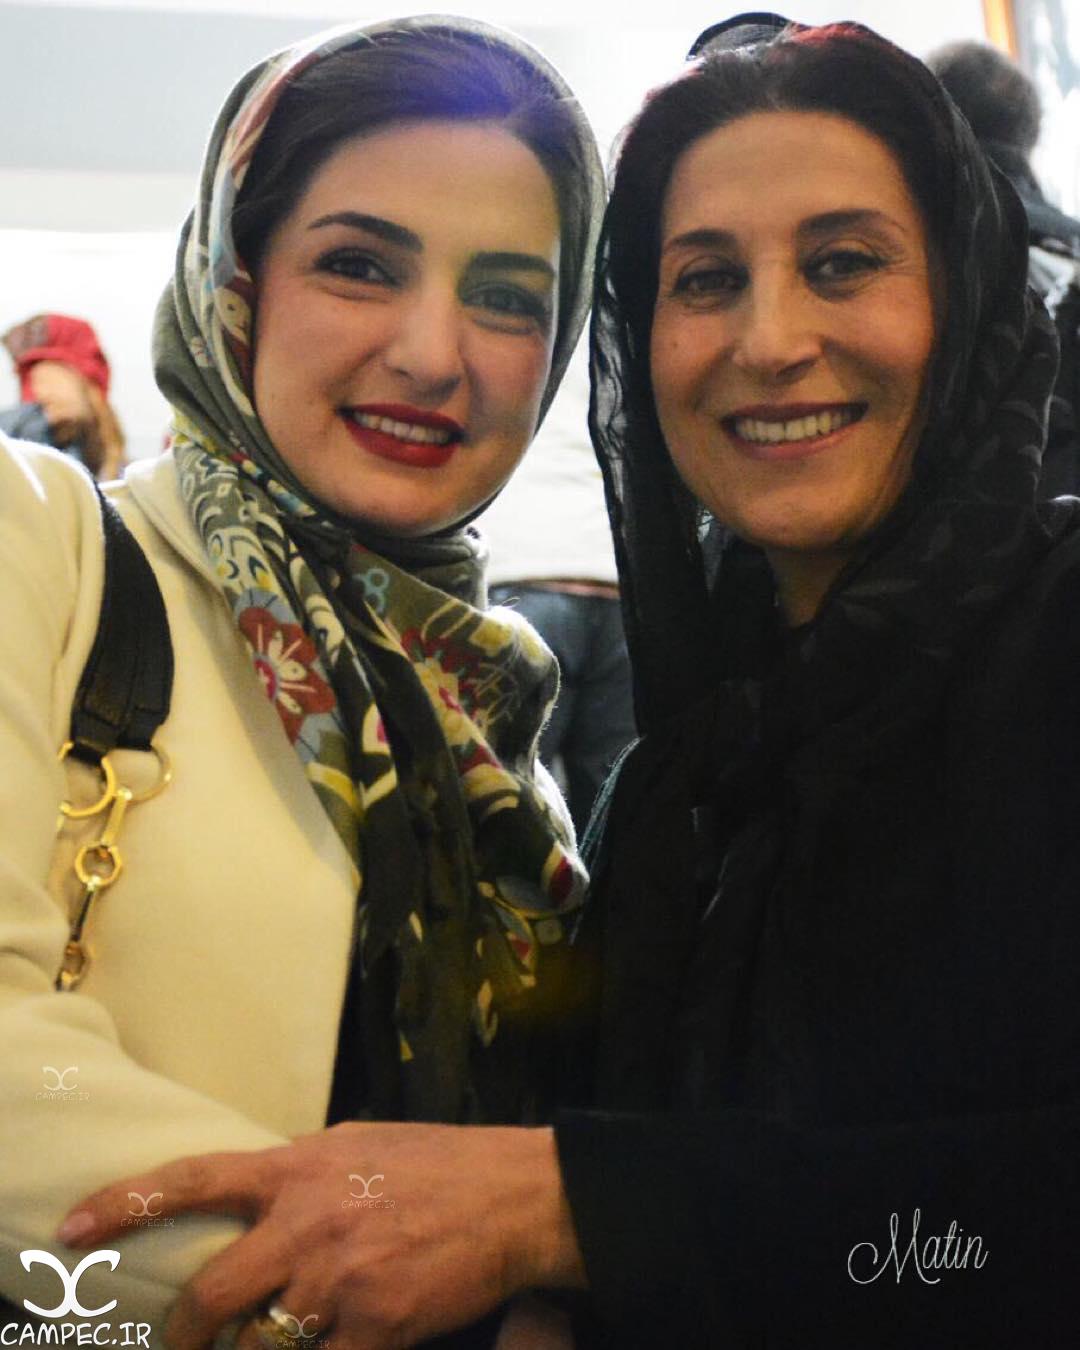 مریم شیرازی و فاطمه معتمدآریا